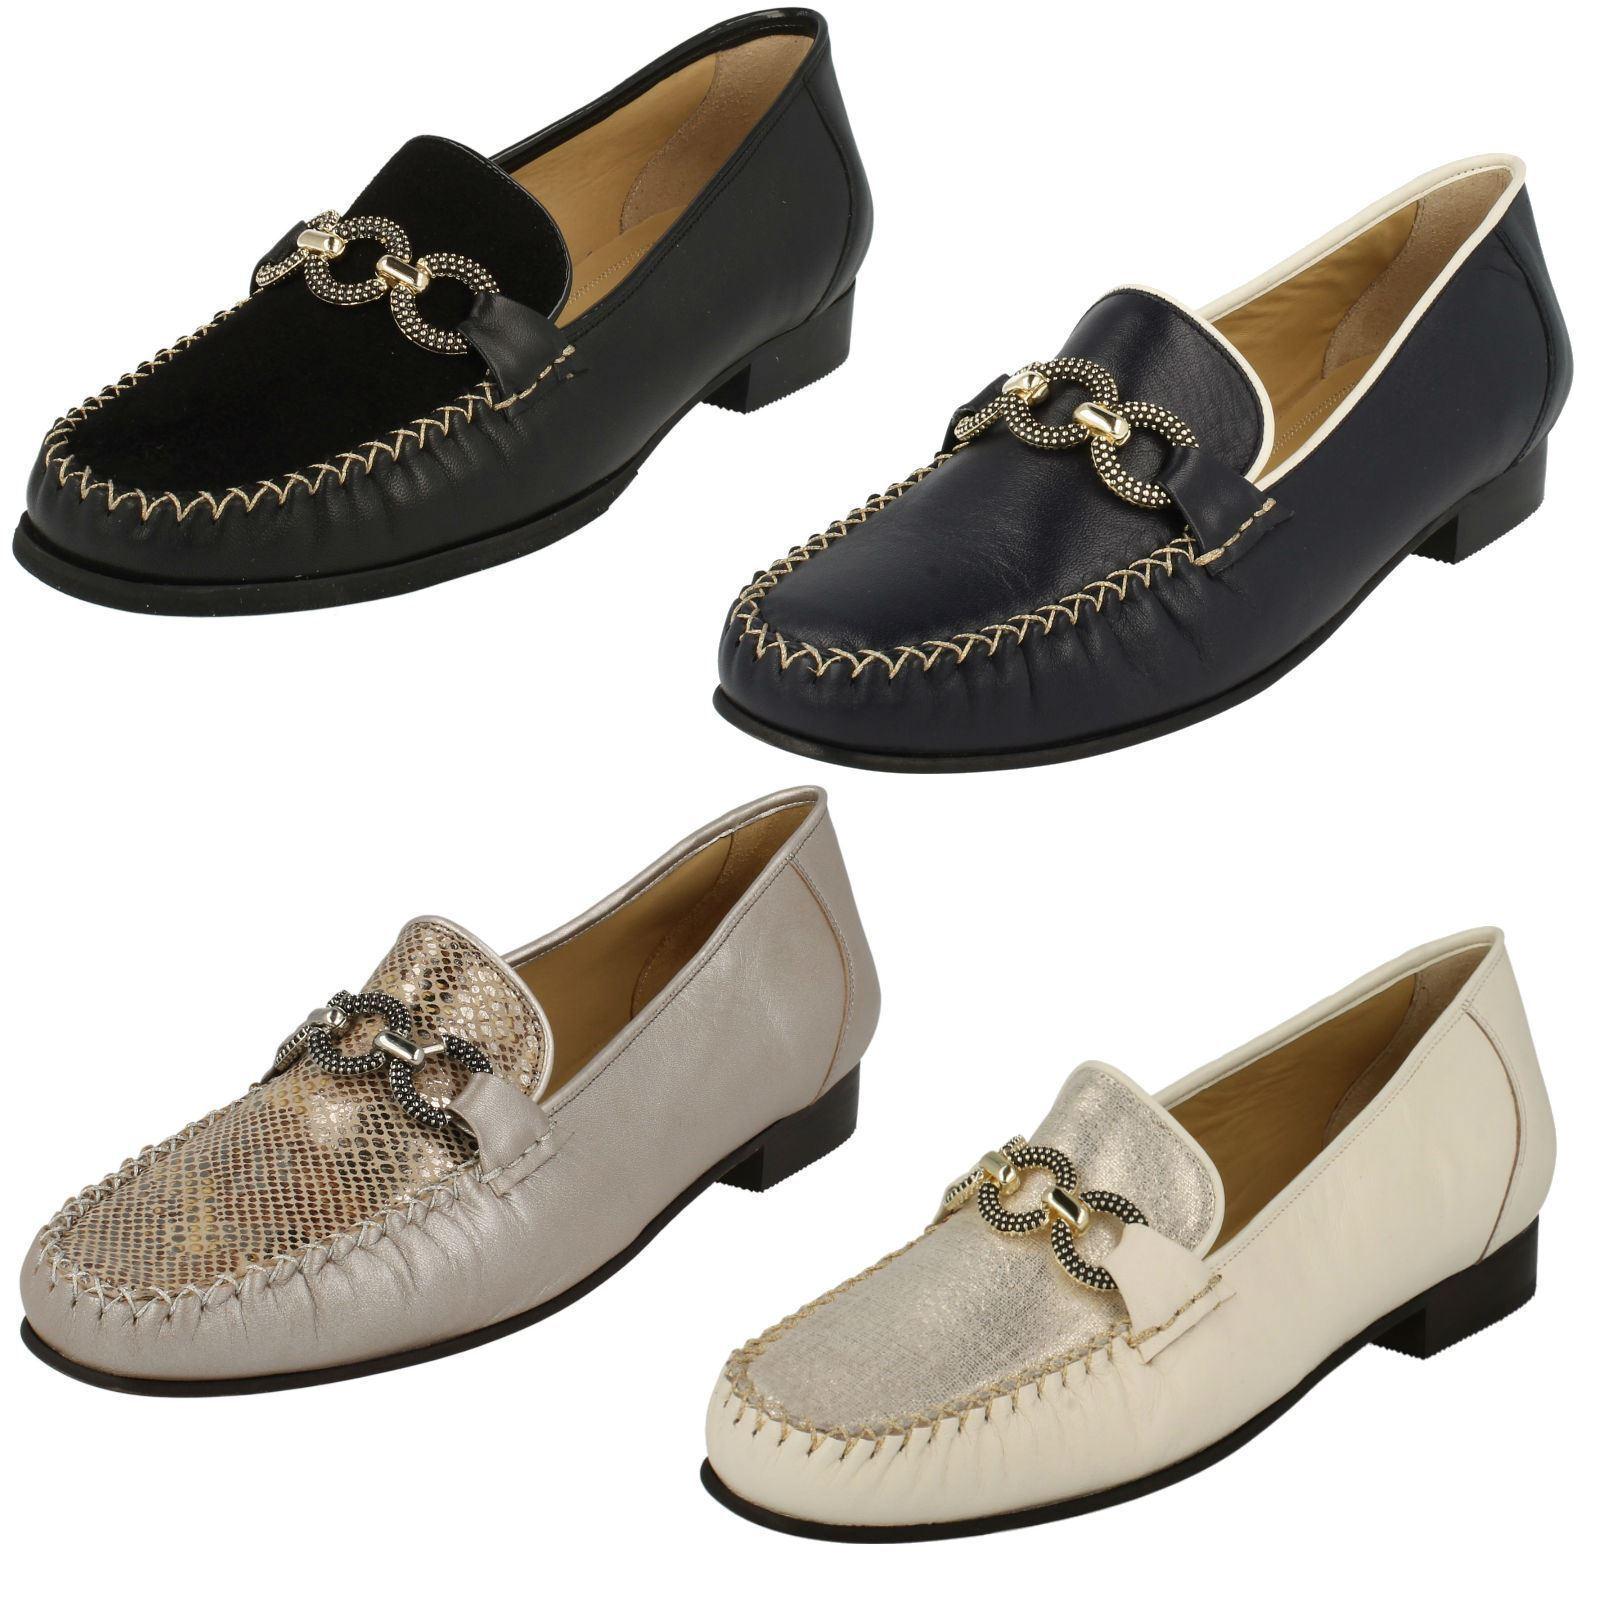 Damen Leder Slipper Van Dal Slipper Mokassin Smart Elegant Schuhe Bethany